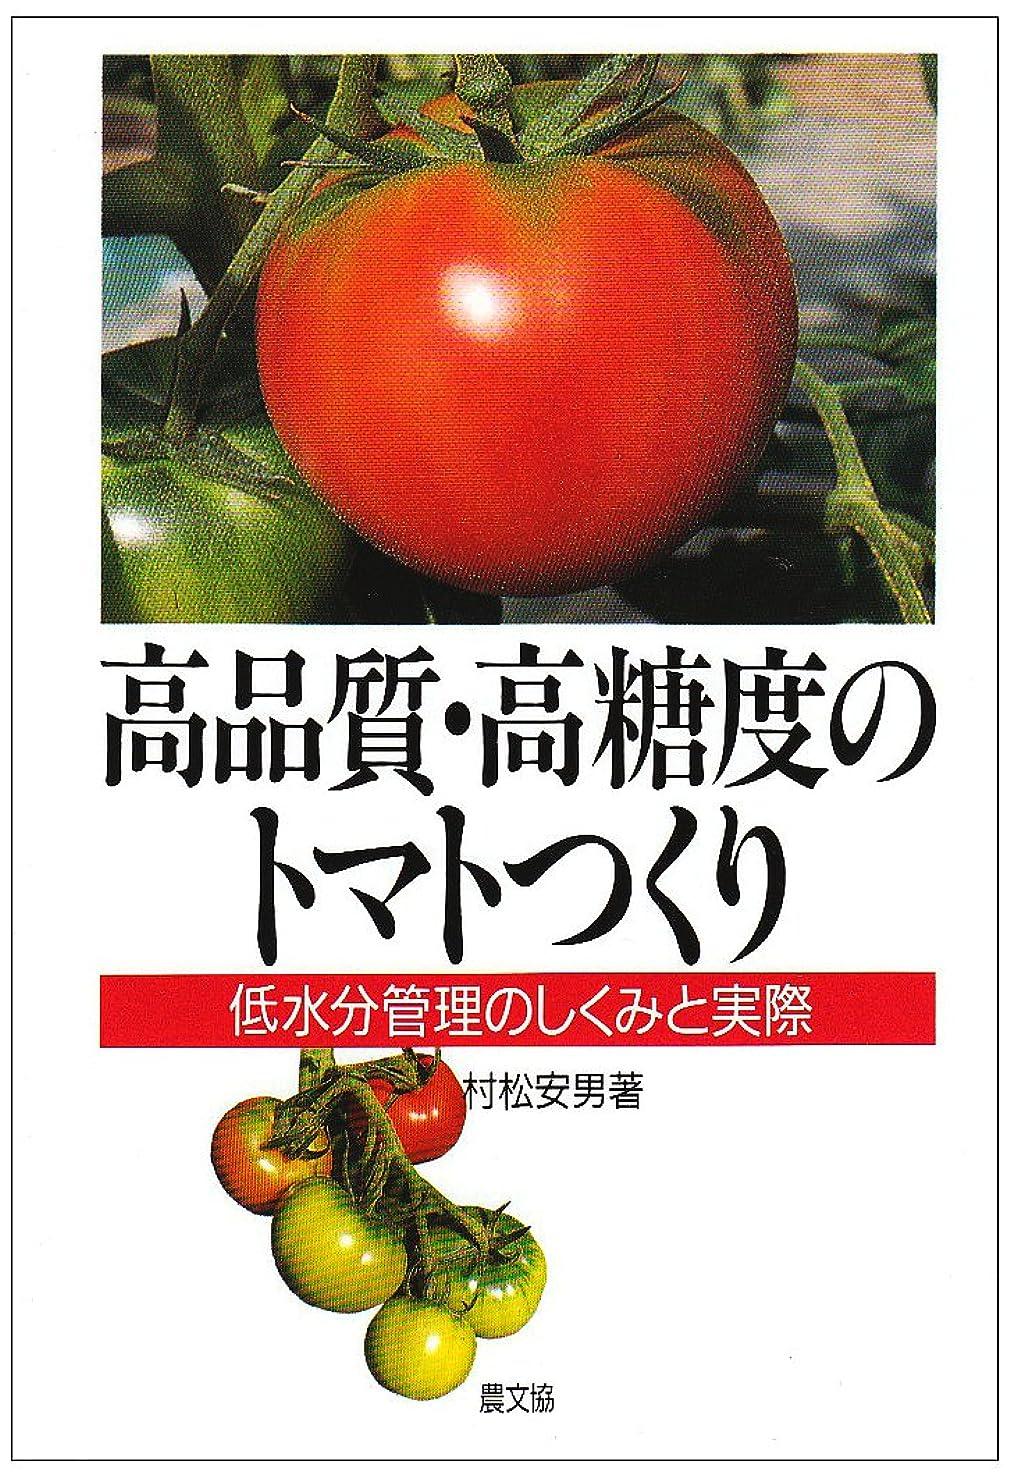 うれしい肌ちなみに症状と原因が写真でわかる 野菜の病害虫ハンドブック